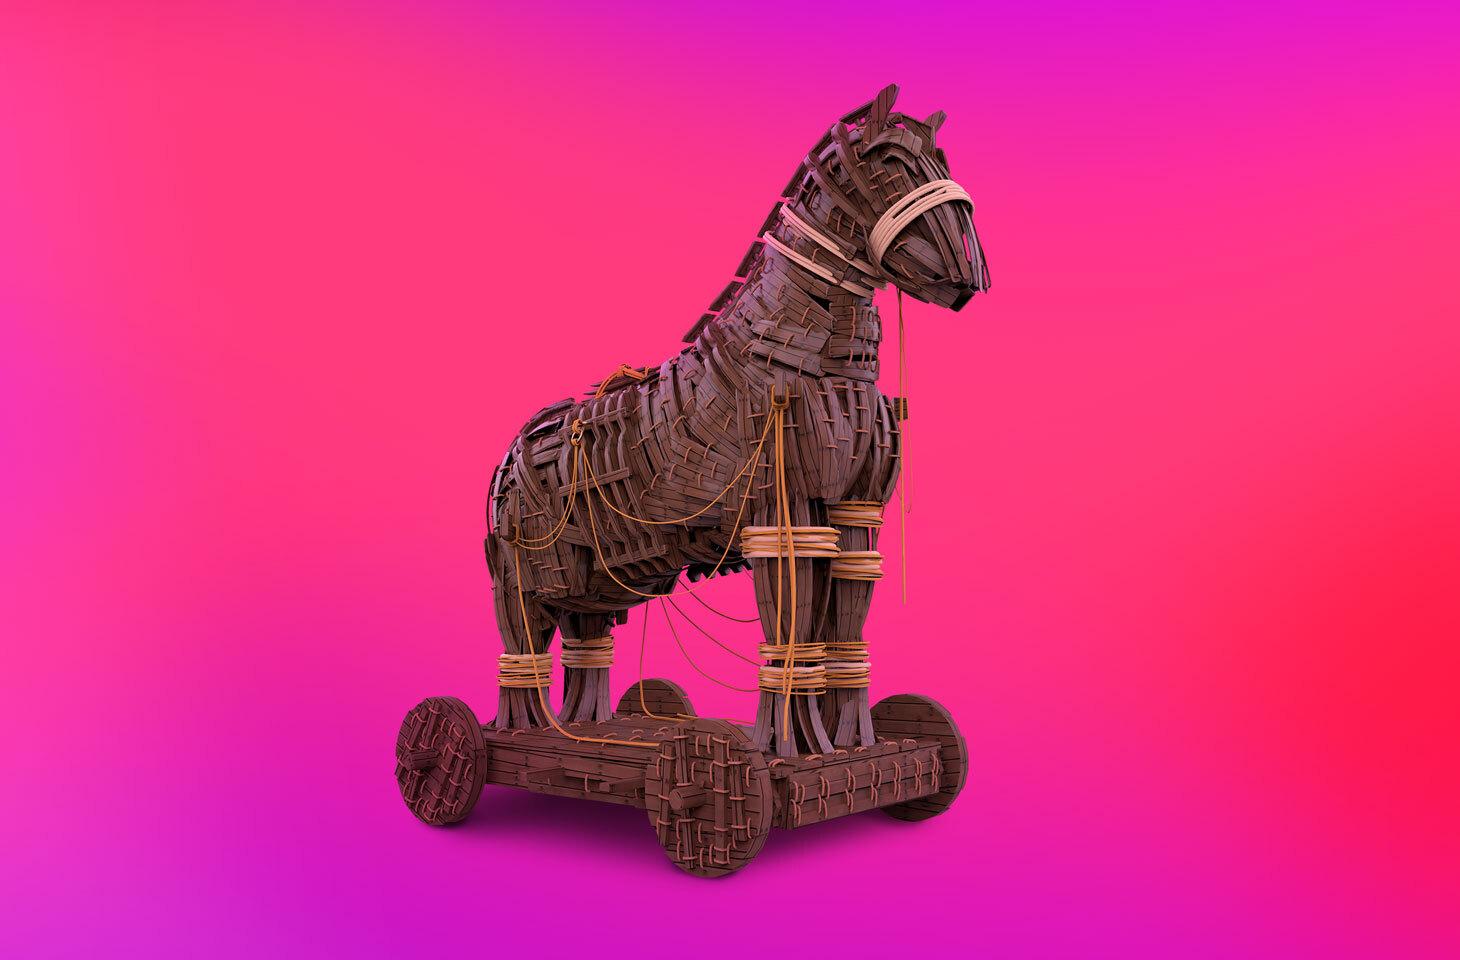 專門針對遊戲帳號的木馬程式